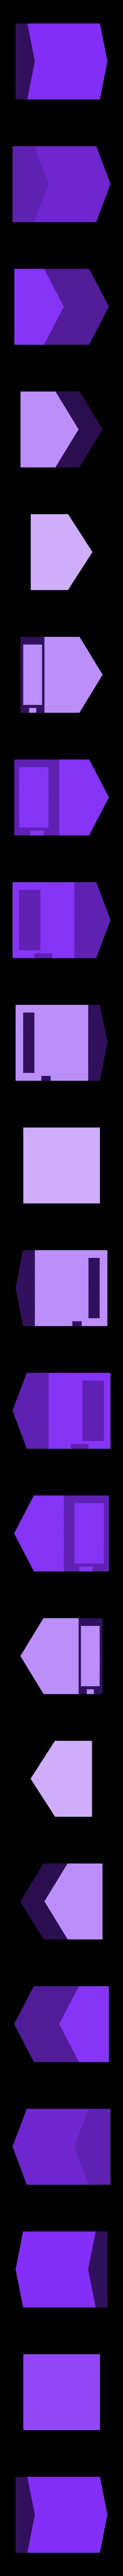 house-medium1.stl Télécharger fichier STL gratuit Mini maisons • Design à imprimer en 3D, facuu